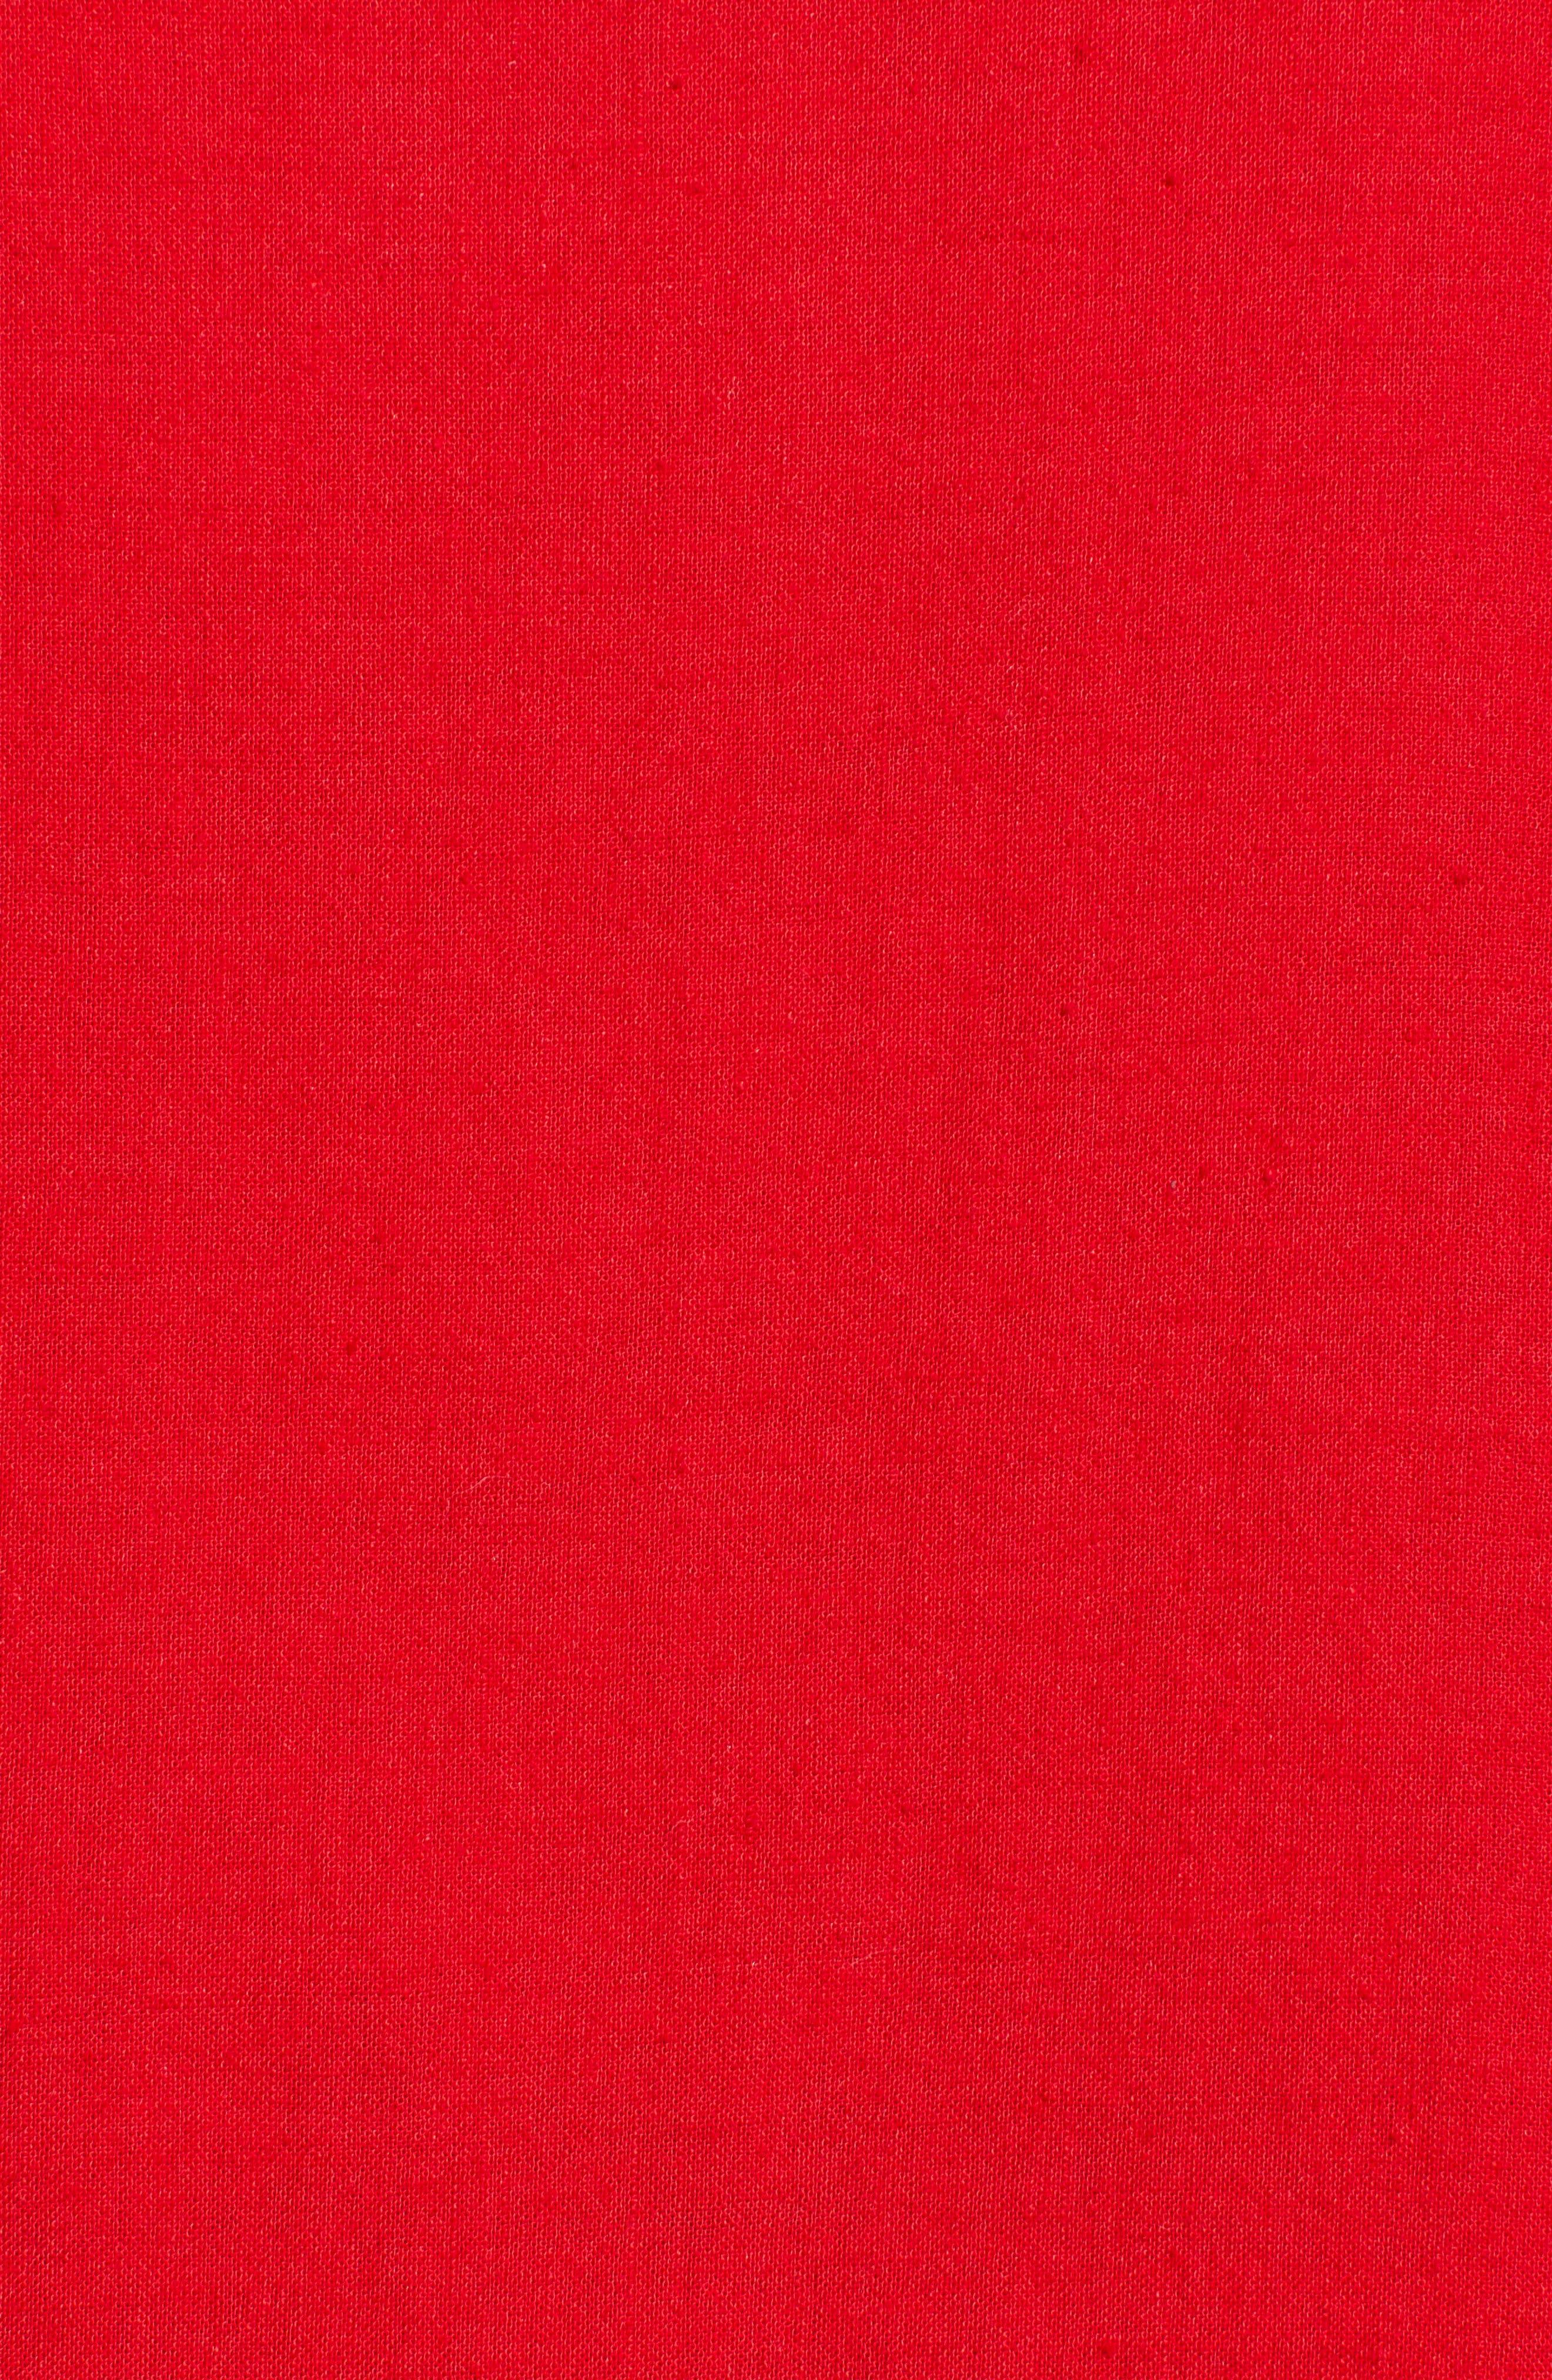 Rumba Top,                             Alternate thumbnail 5, color,                             Red Sangria